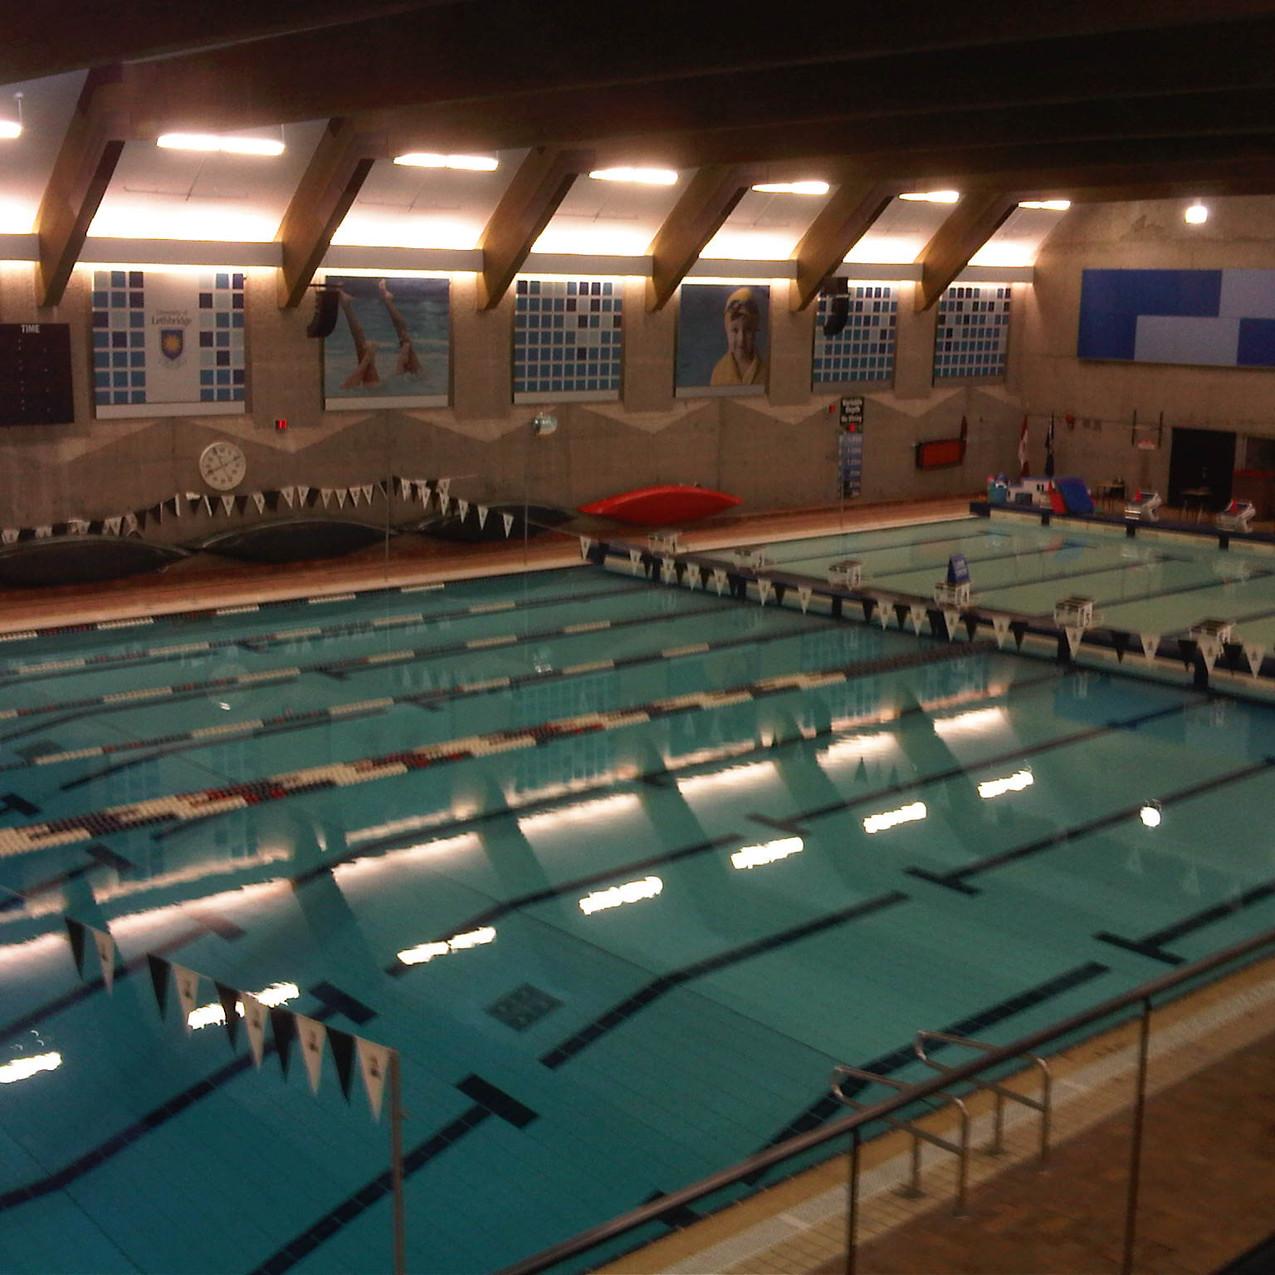 #1 - Max Bell Aquatic Centre